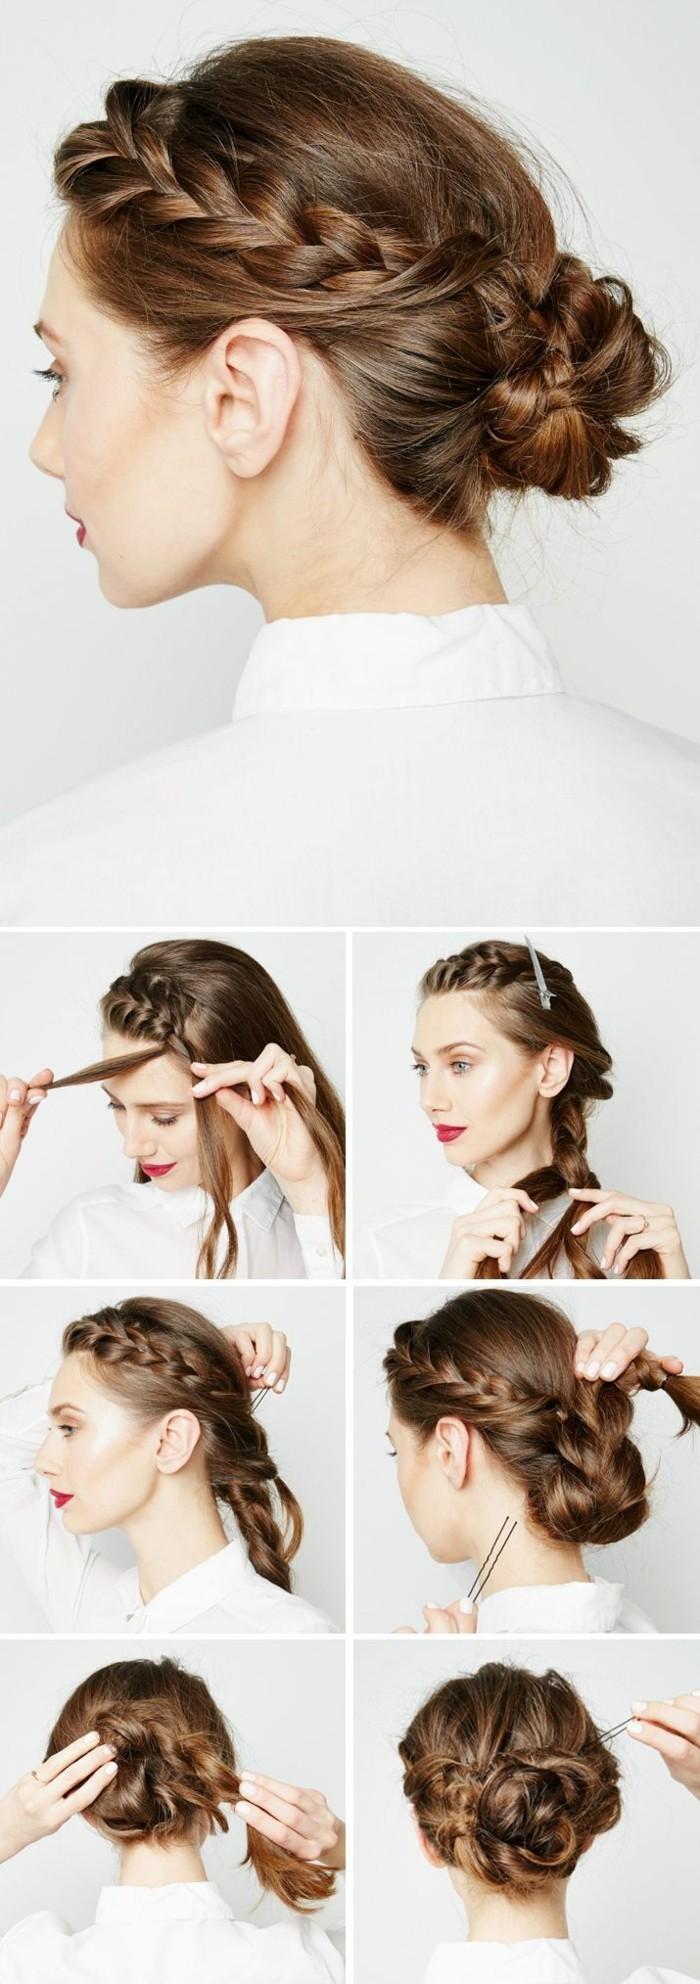 Frisuren Hochsteckfrisur Die Frisur Von Chloe Grace Moretz